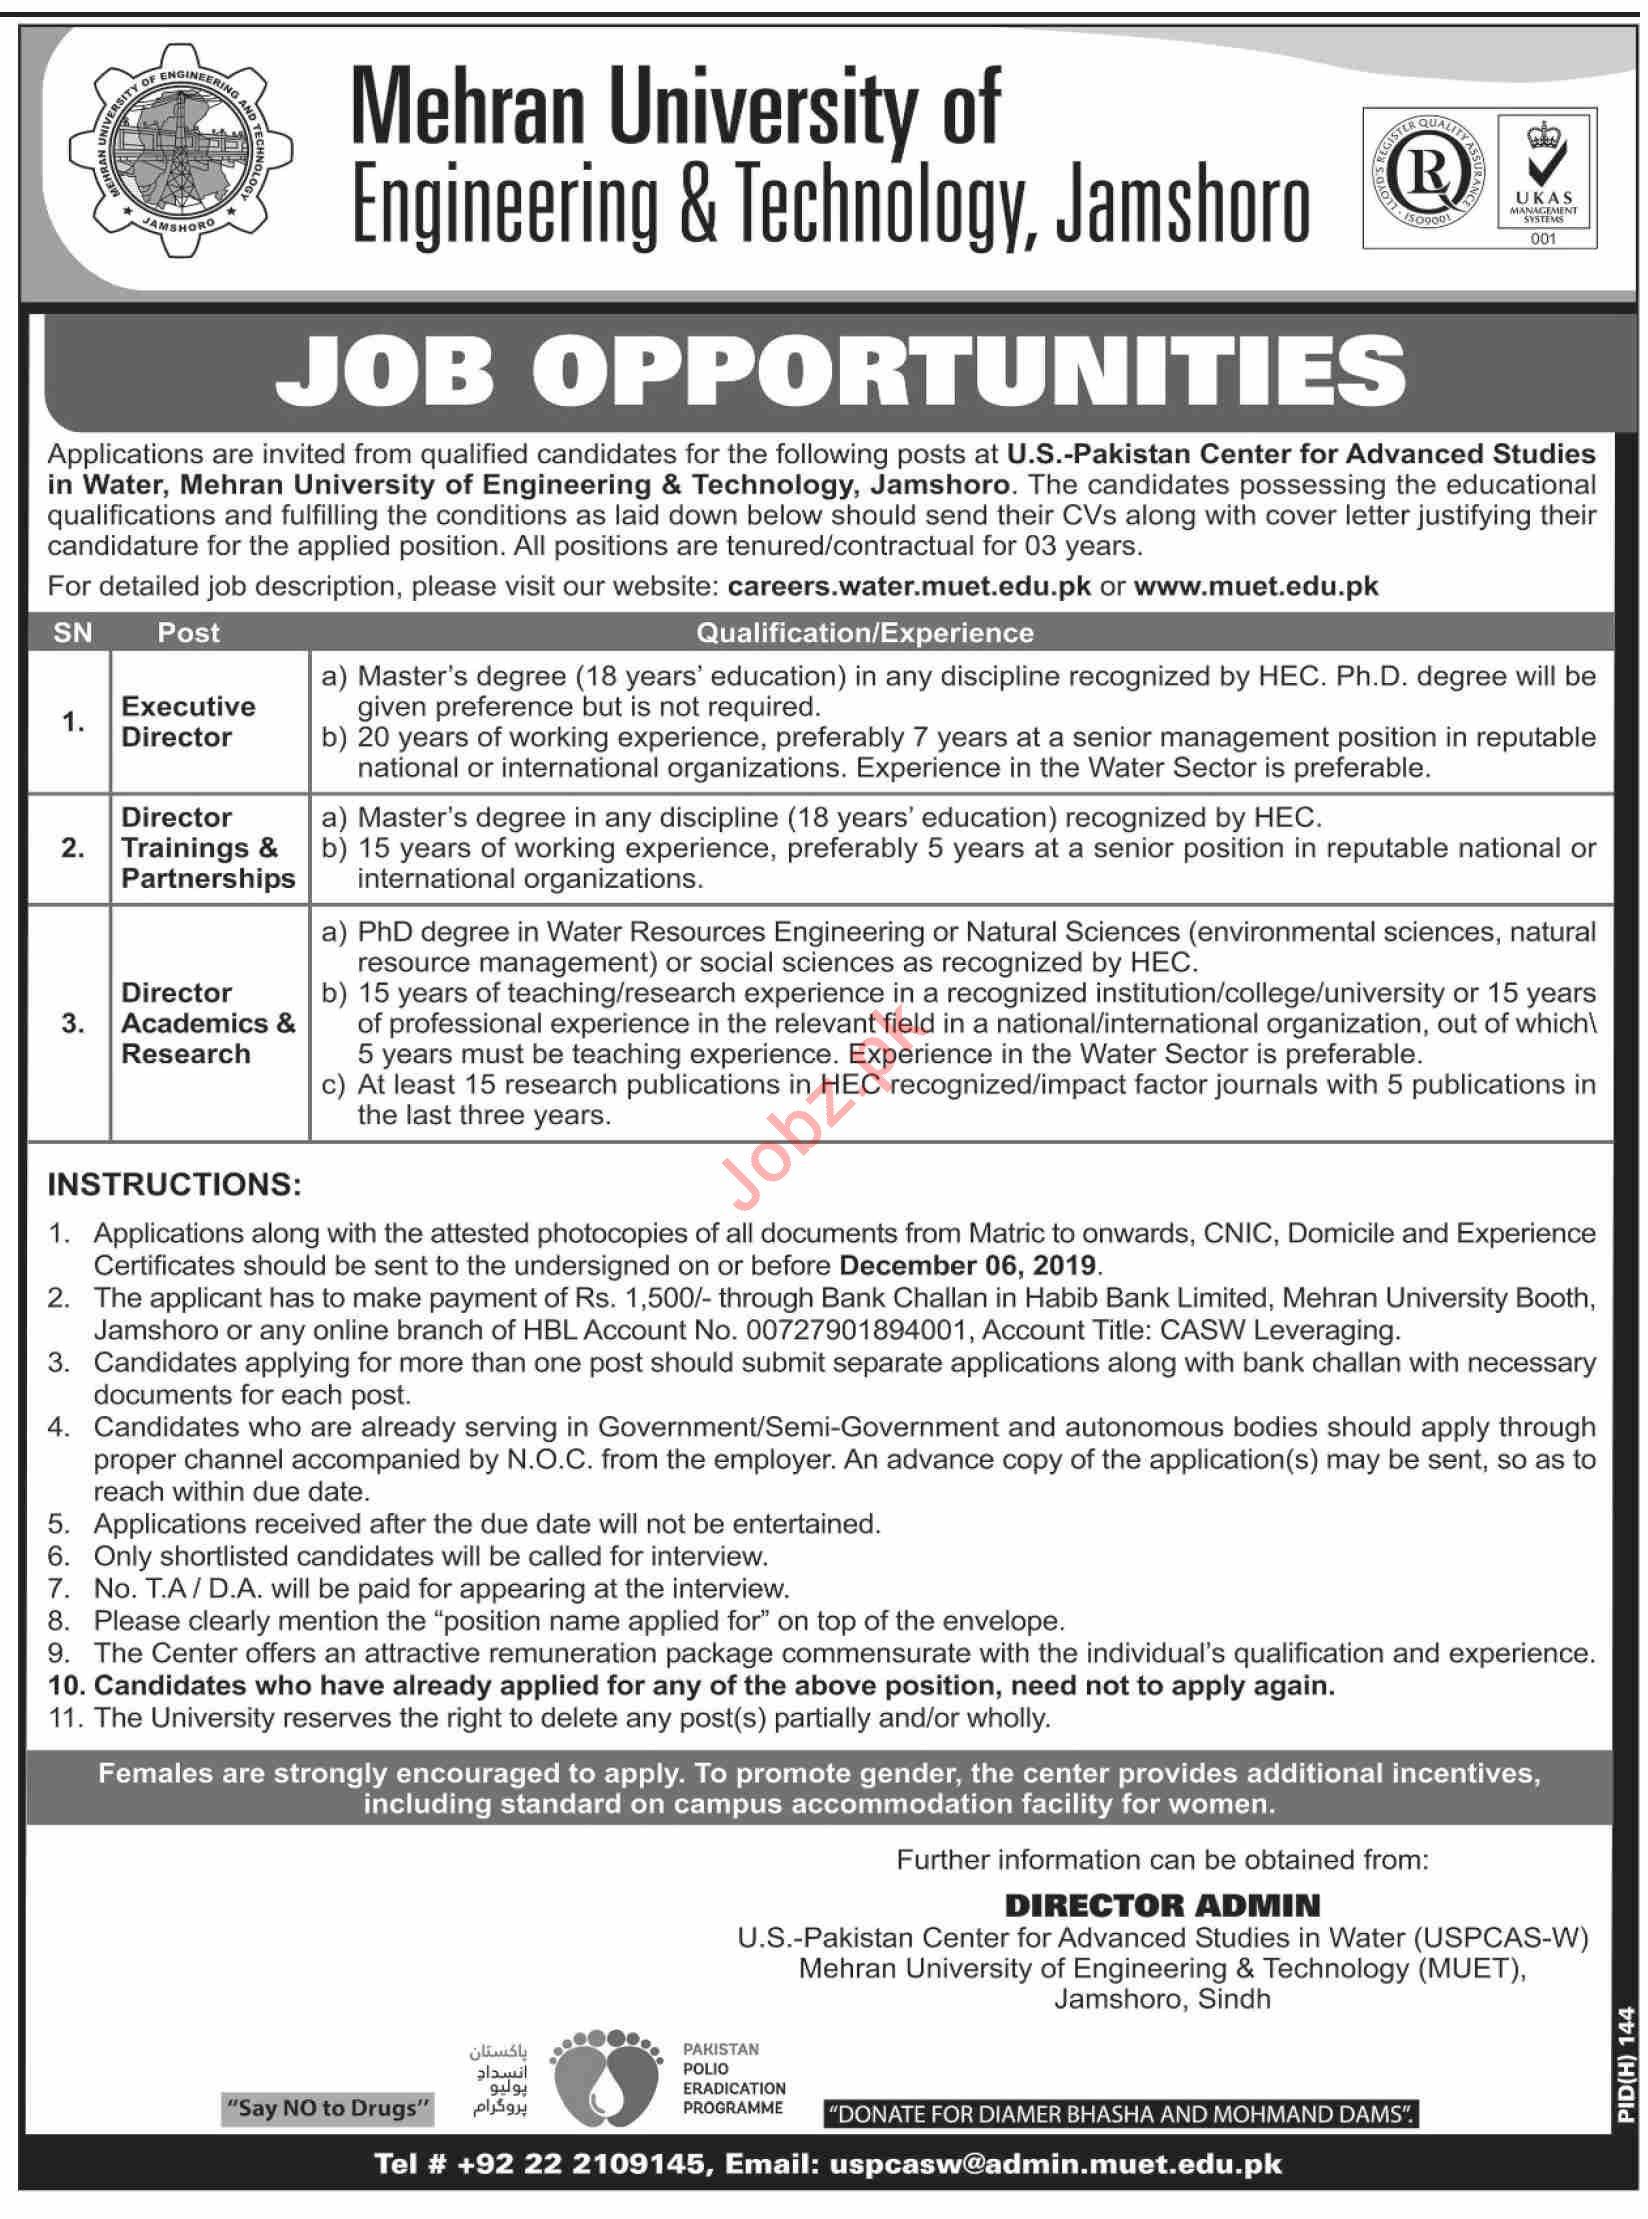 MUET University Jamshoro Jobs 2019 for Directors